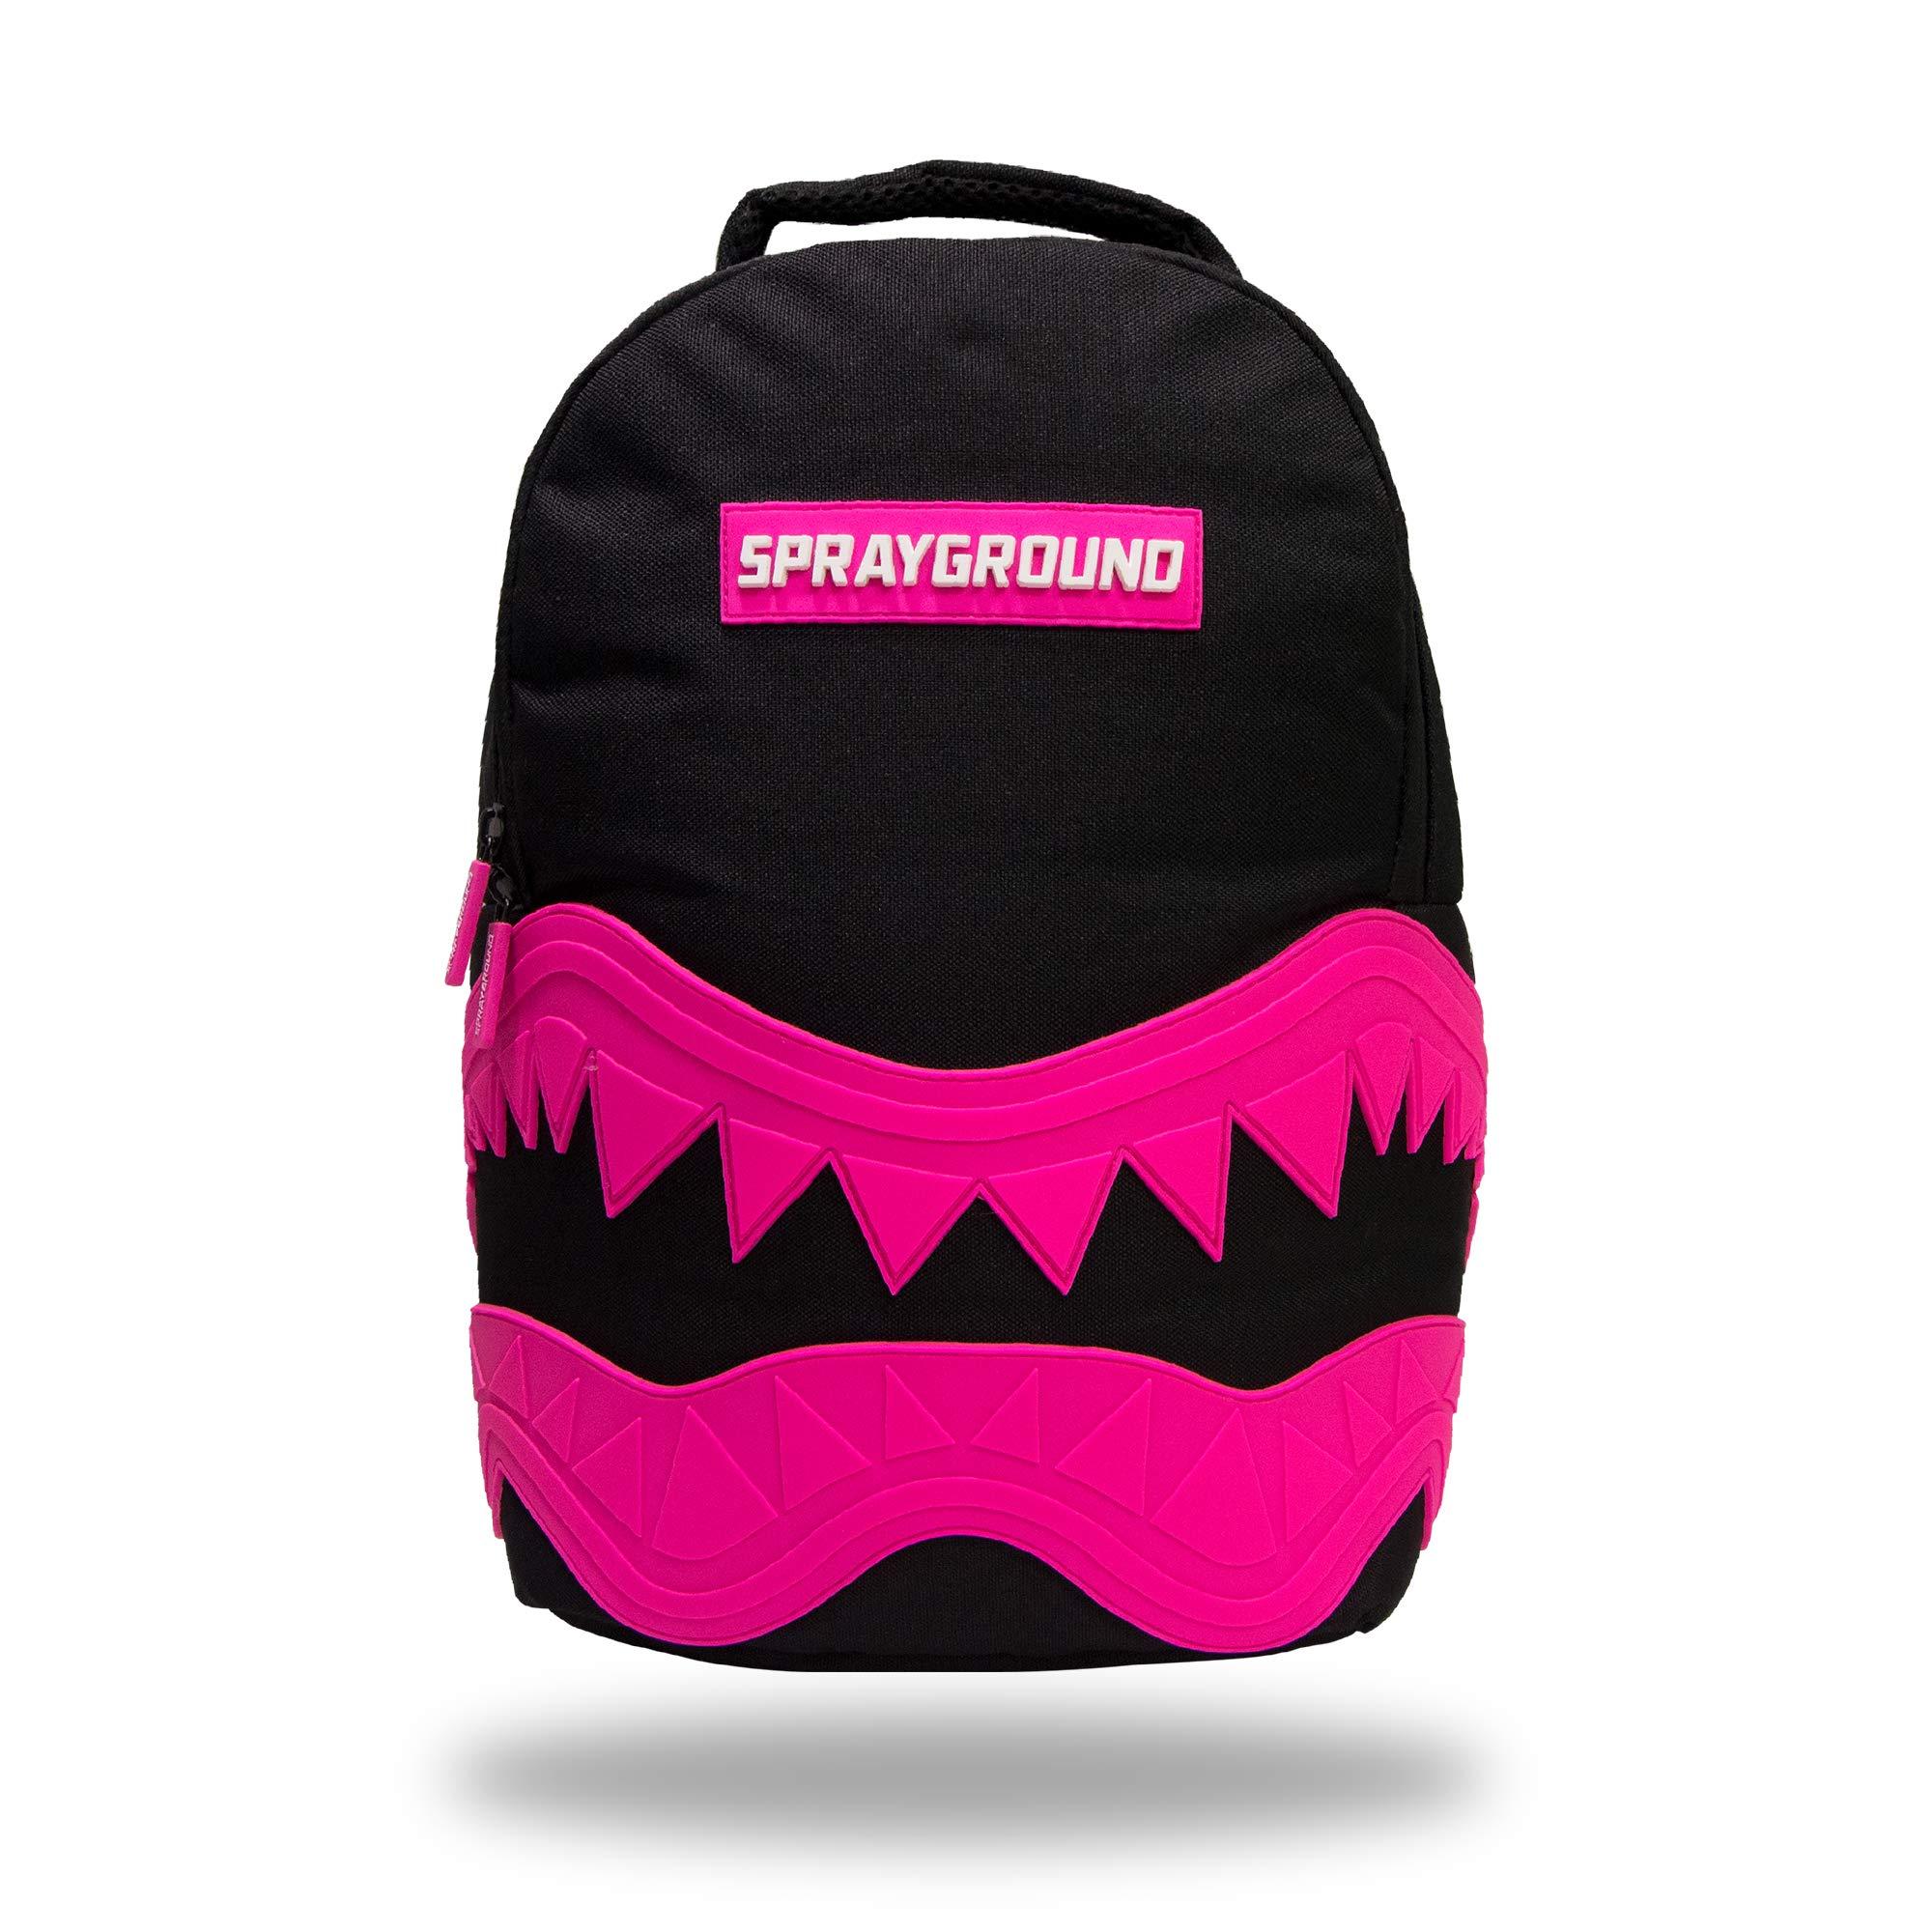 Sprayground shark rubber backpack DELUXE (black-pink) by Sprayground-